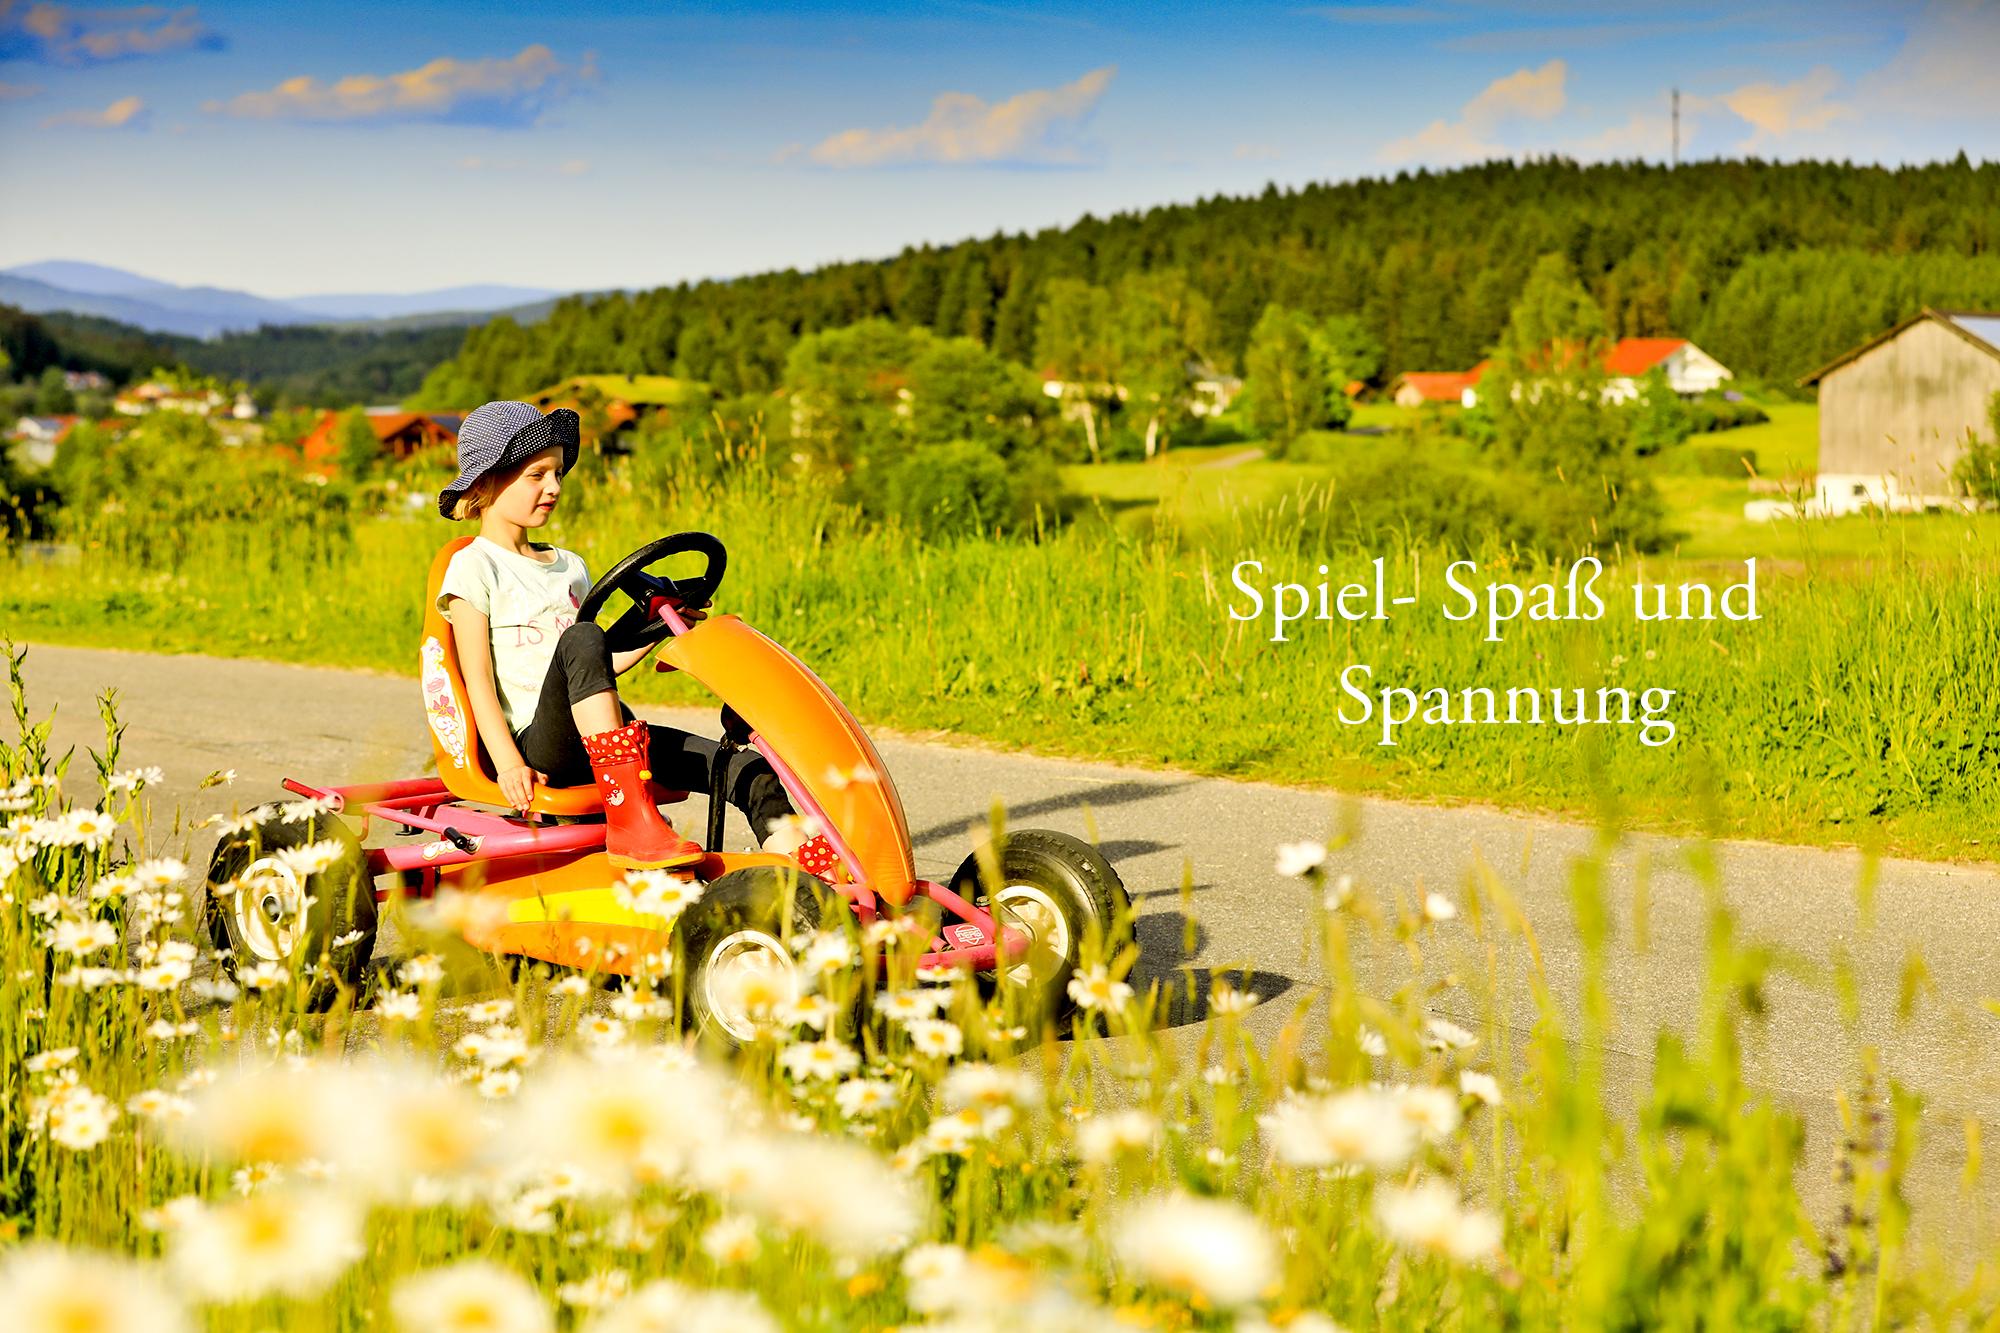 Ein Mädchen fährt auf der Straße mit dem Kettcar in einer schönen Landschaft